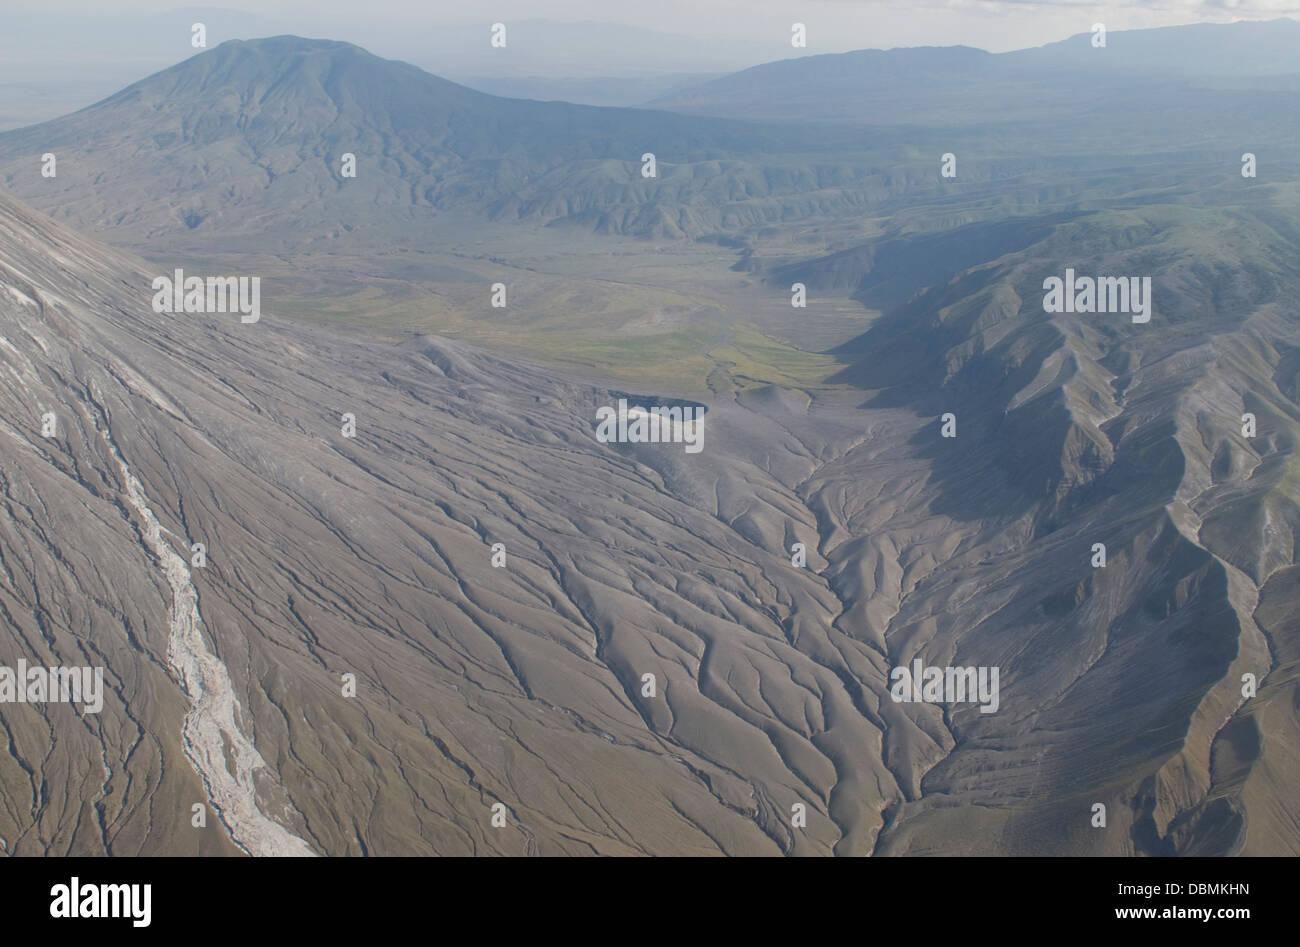 East African Rift Valley Stock Photos & East African Rift